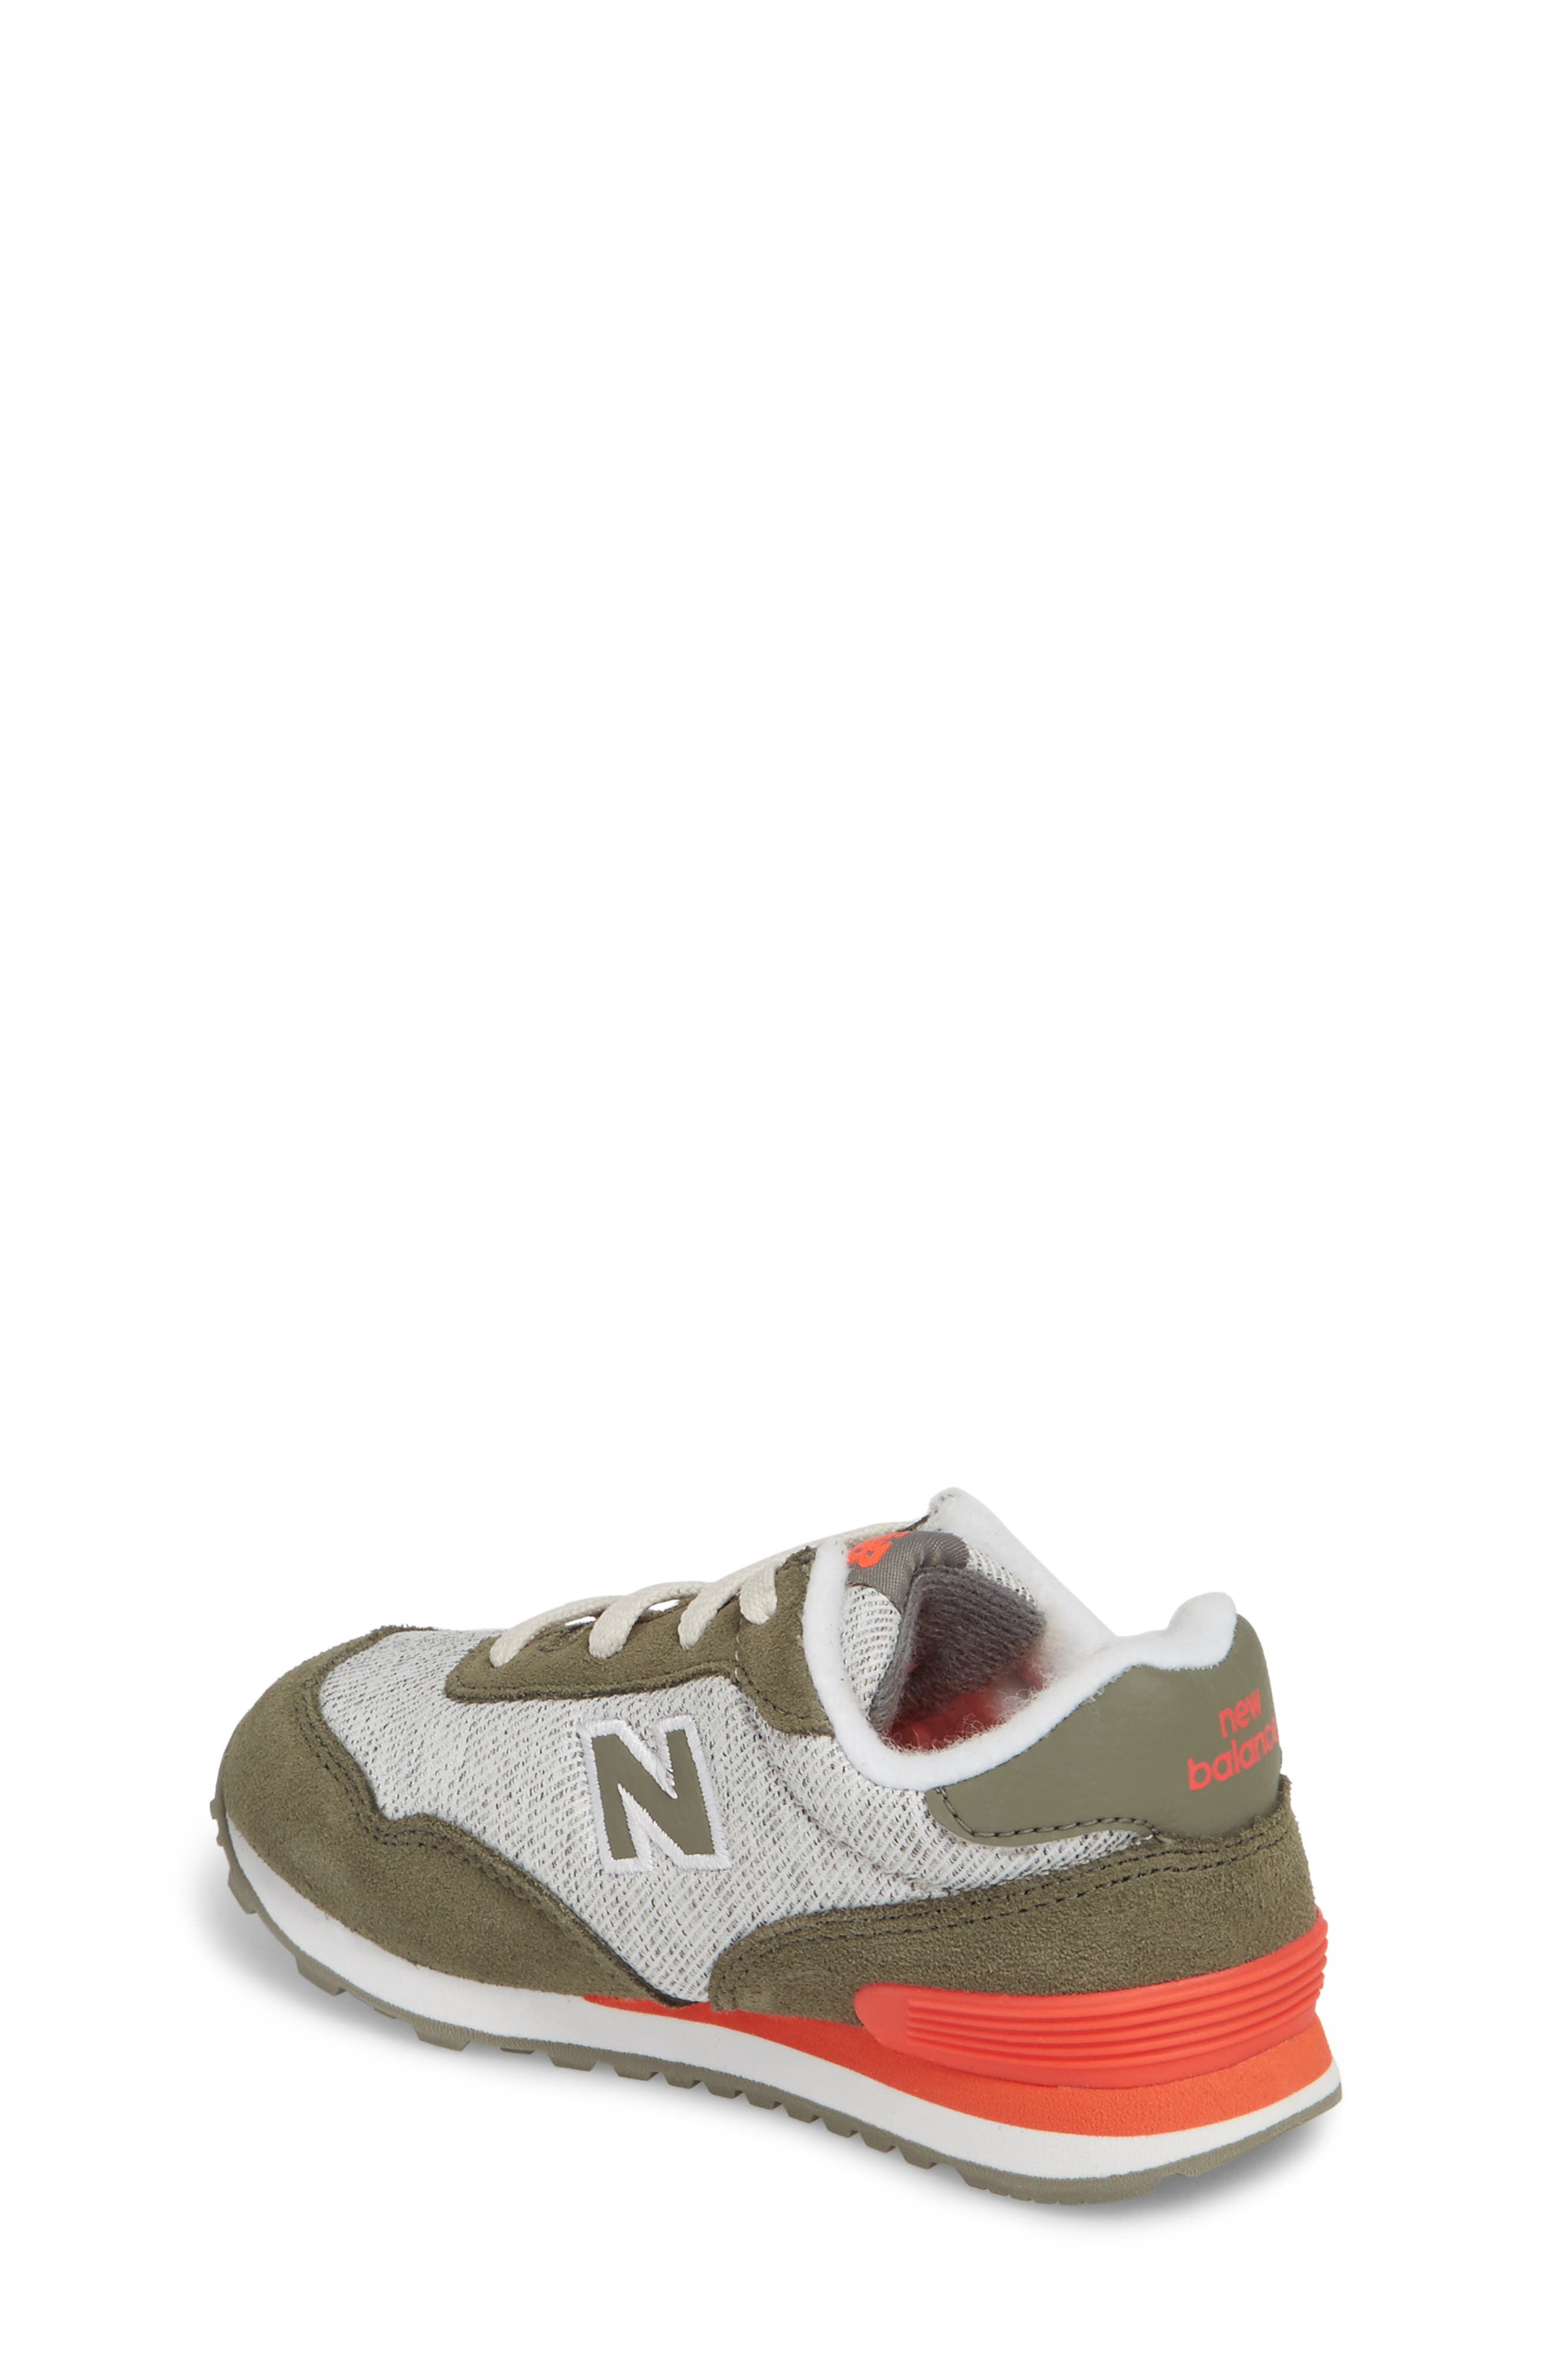 515 Sneaker,                             Alternate thumbnail 2, color,                             305